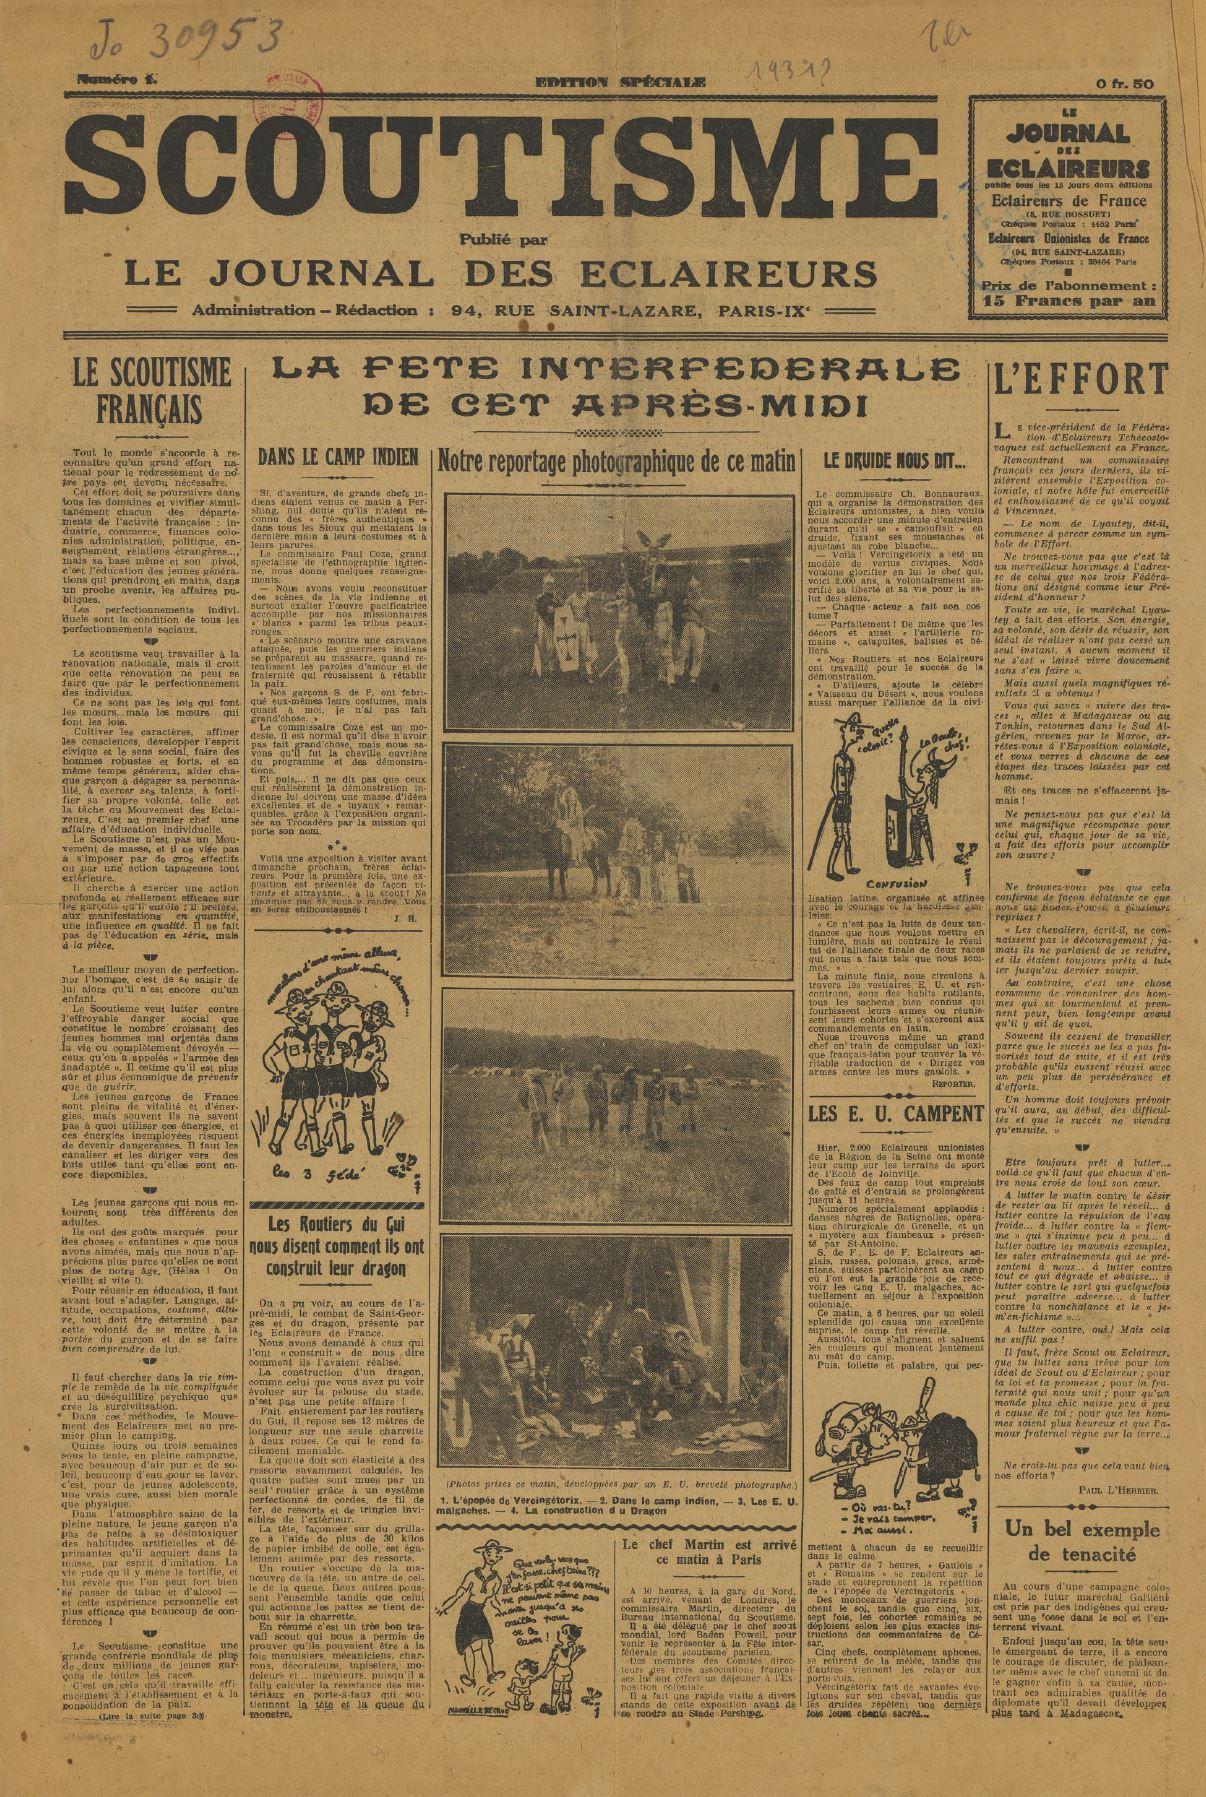 1931-06_Le scoutisme publié par Le journal des éclaireurs